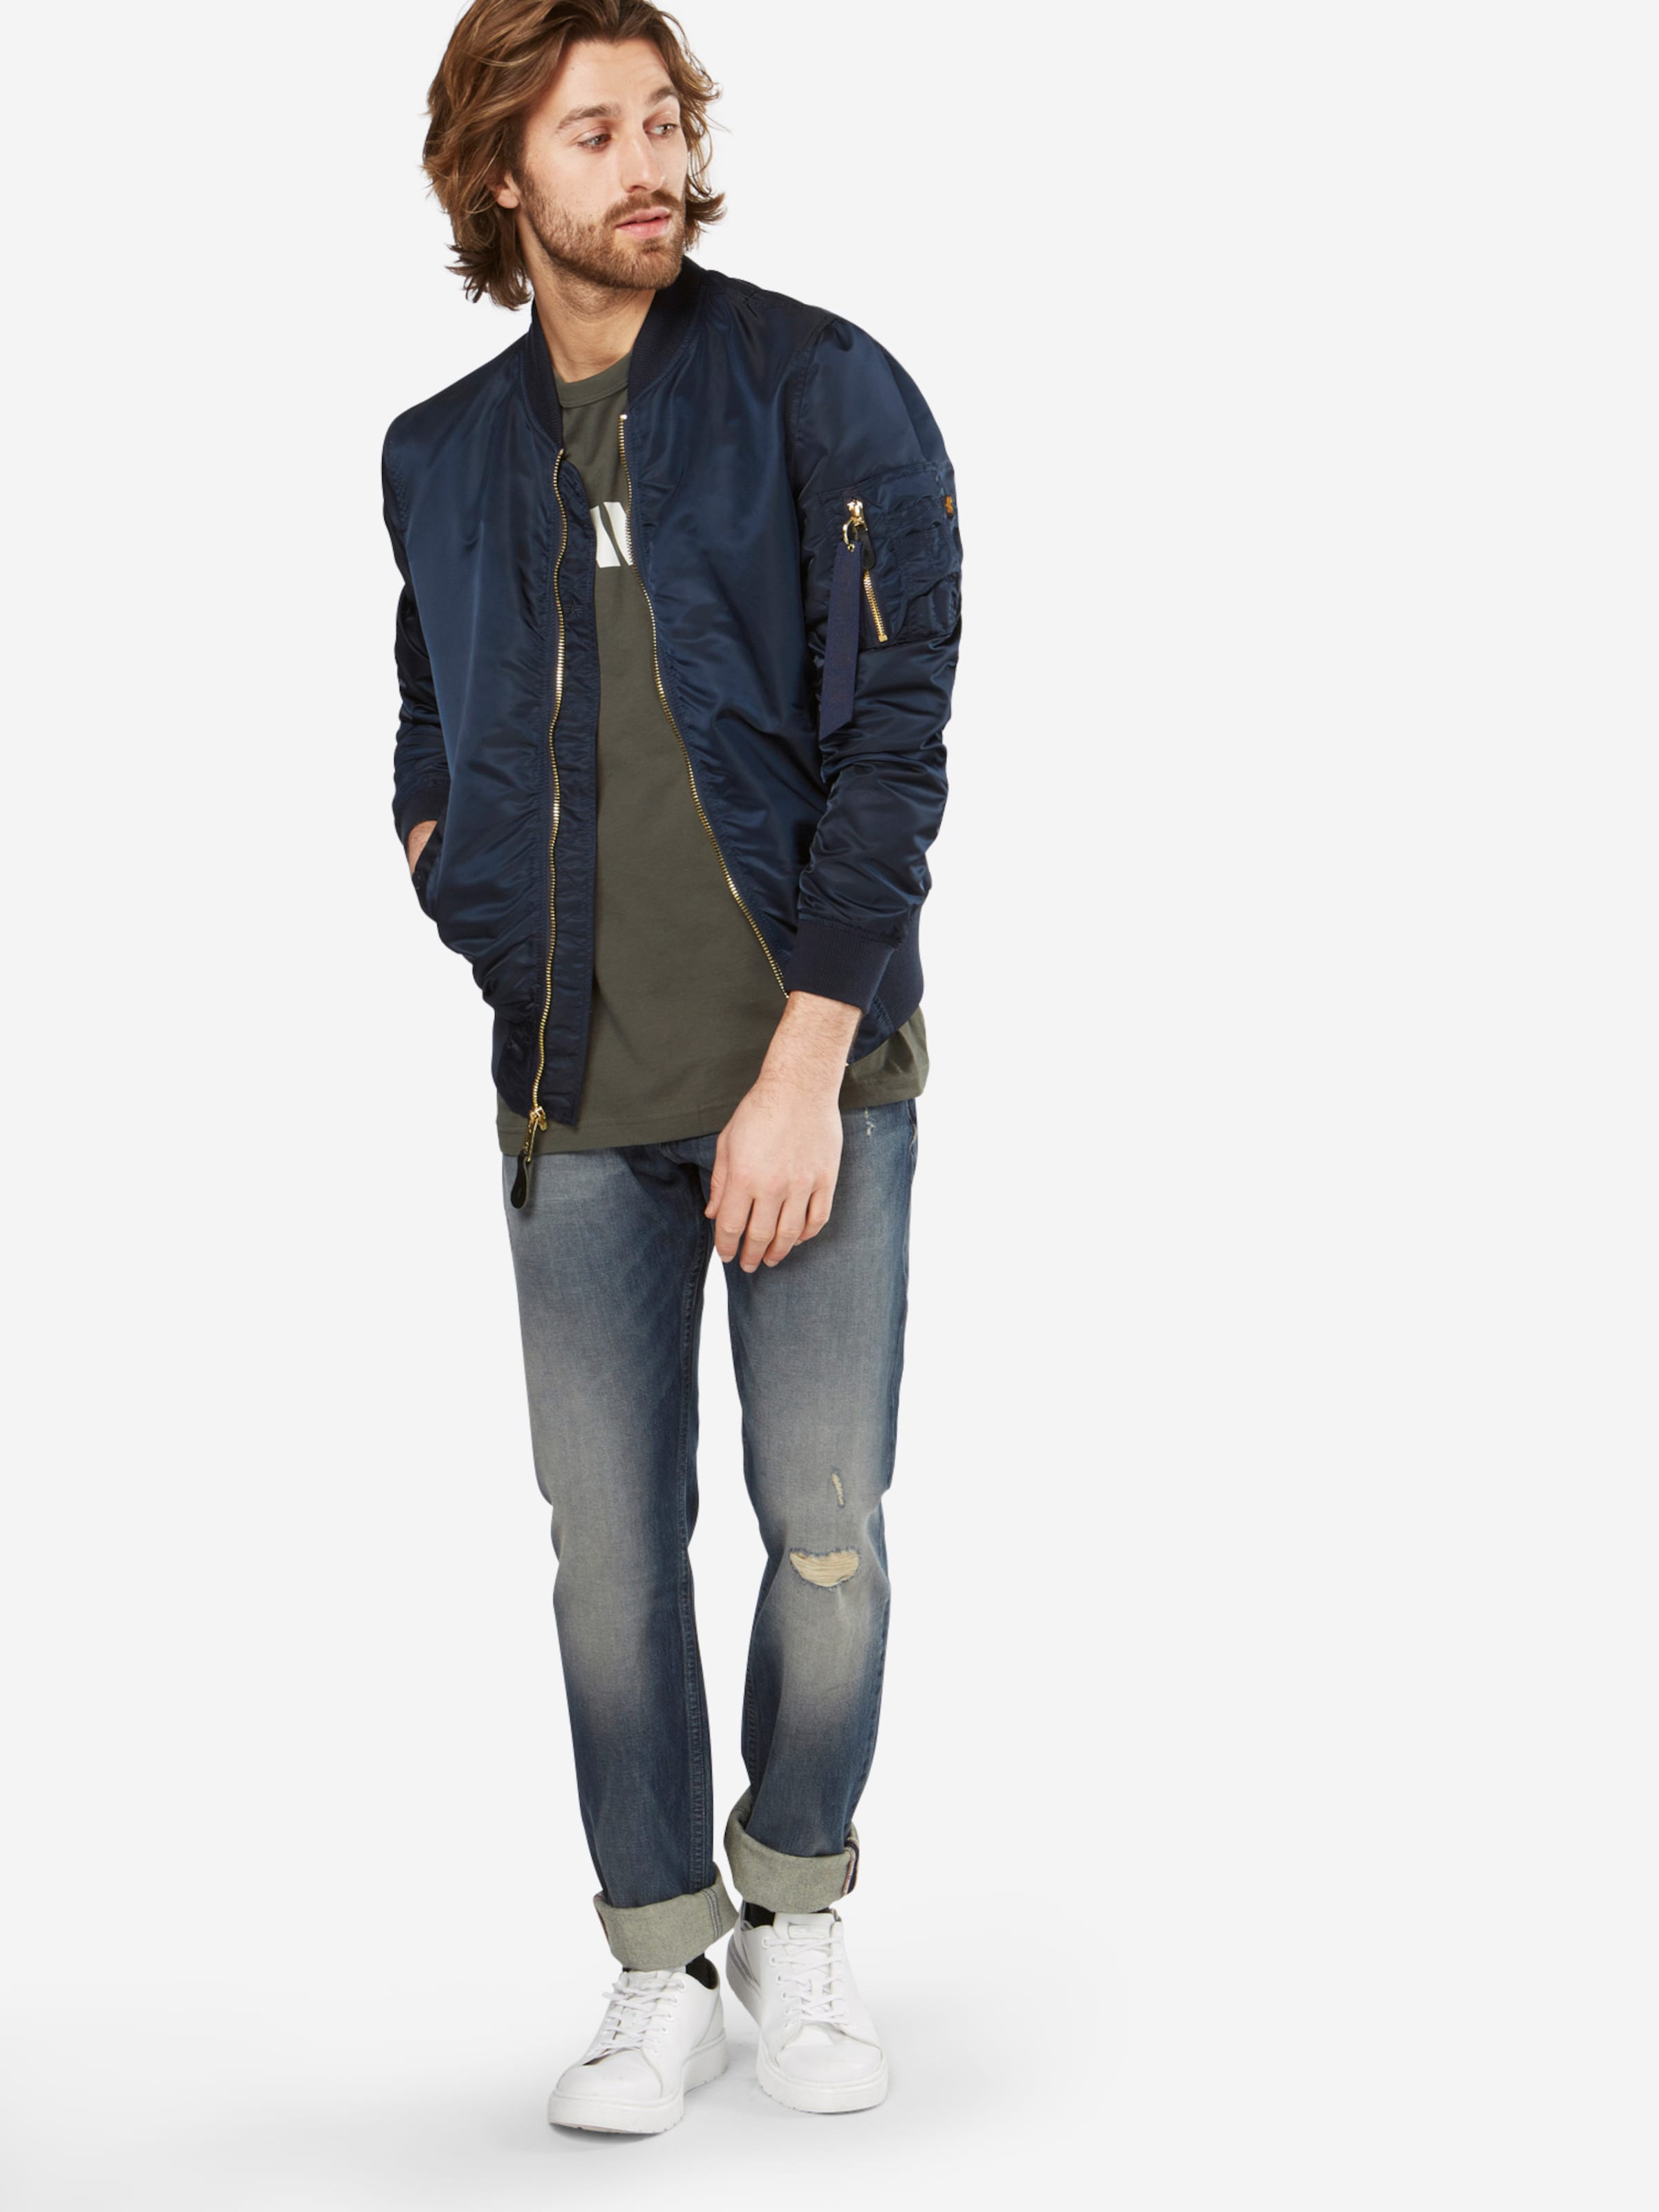 G-STAR RAW T-Shirt 'Holorn r t s/s' Angebote Online Ausgezeichnet Zum Verkauf Freies Verschiffen Offiziell S3txM